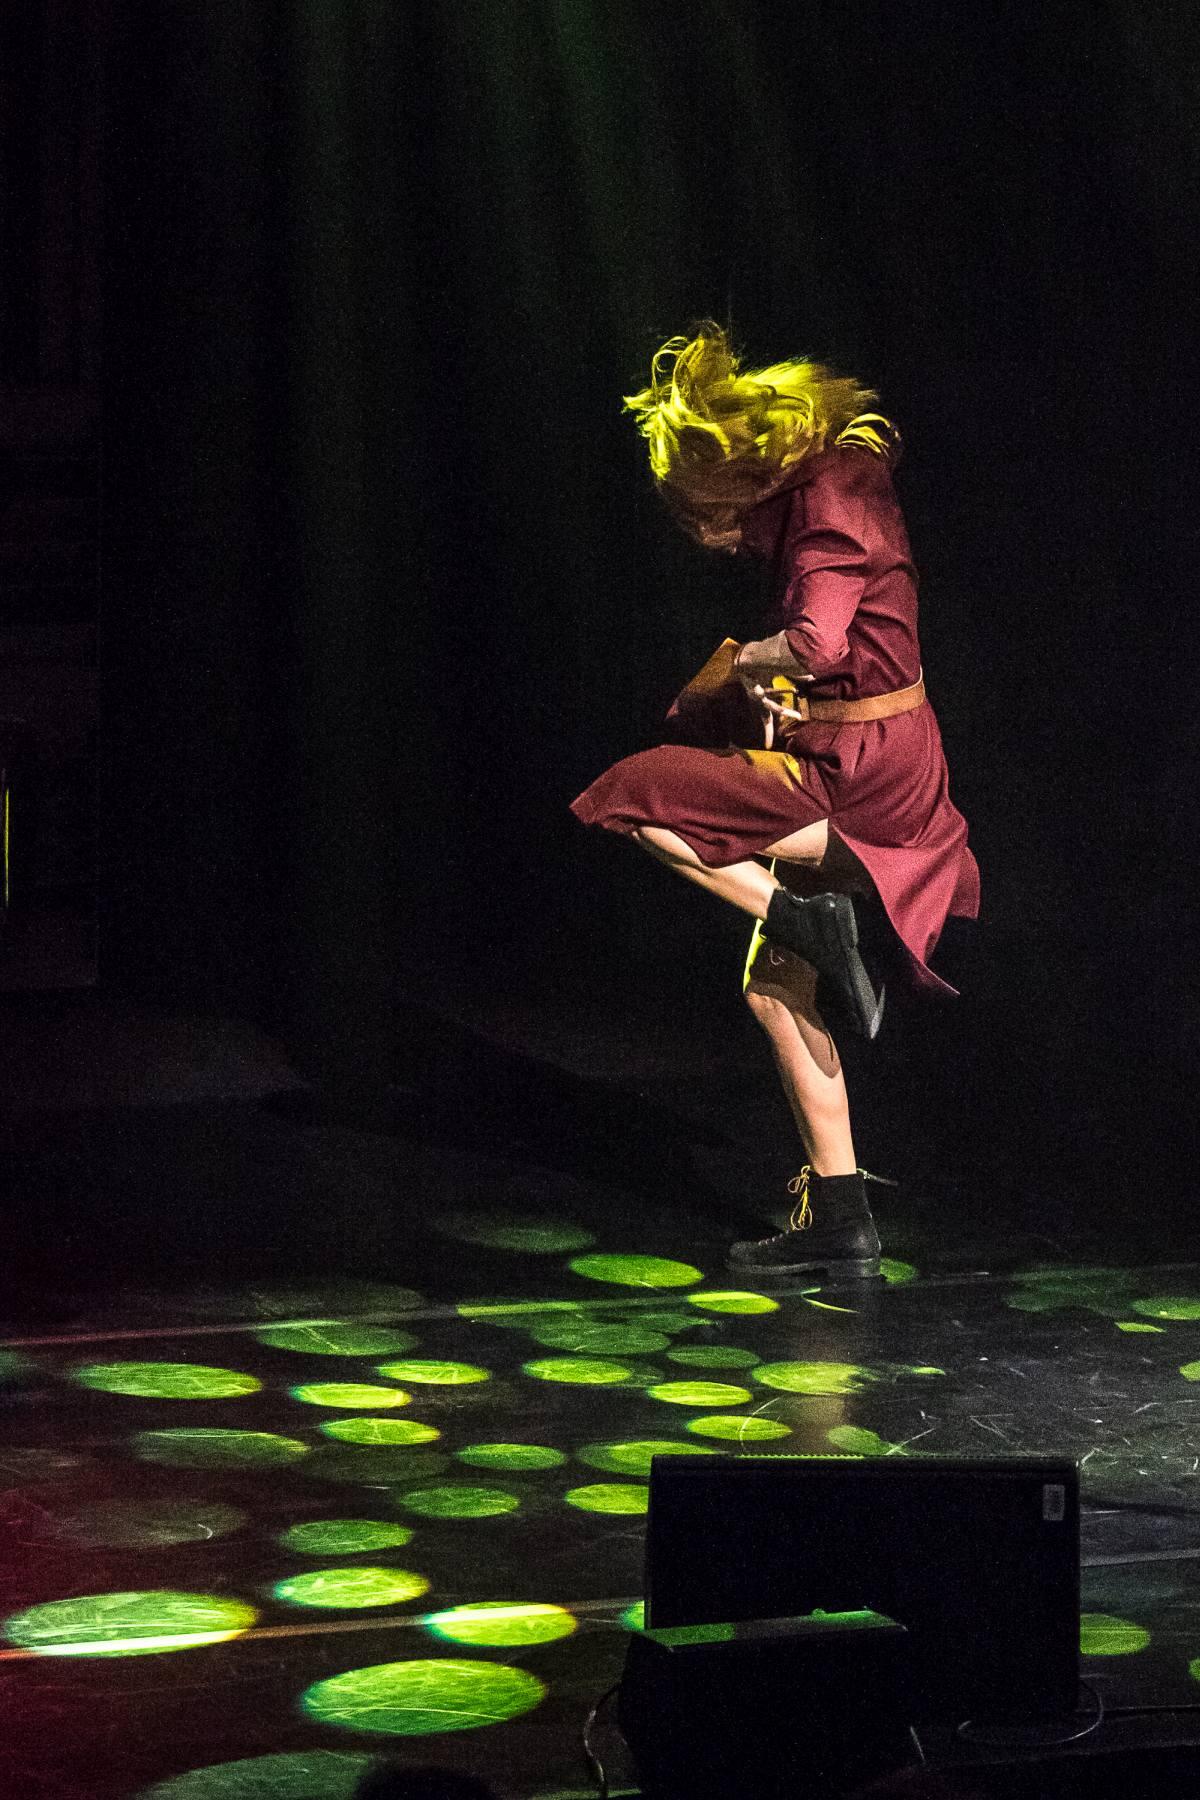 Justyna Szafran w dynamicznej, pełnej ekspresji tanecznej pozie. Stoi na jednej nodze, drugą, zgiętą w kolanie, unosi do góry. Włosy i suknia uchwycone w ruchu. Plamy zielonego światła na deskach sceny.